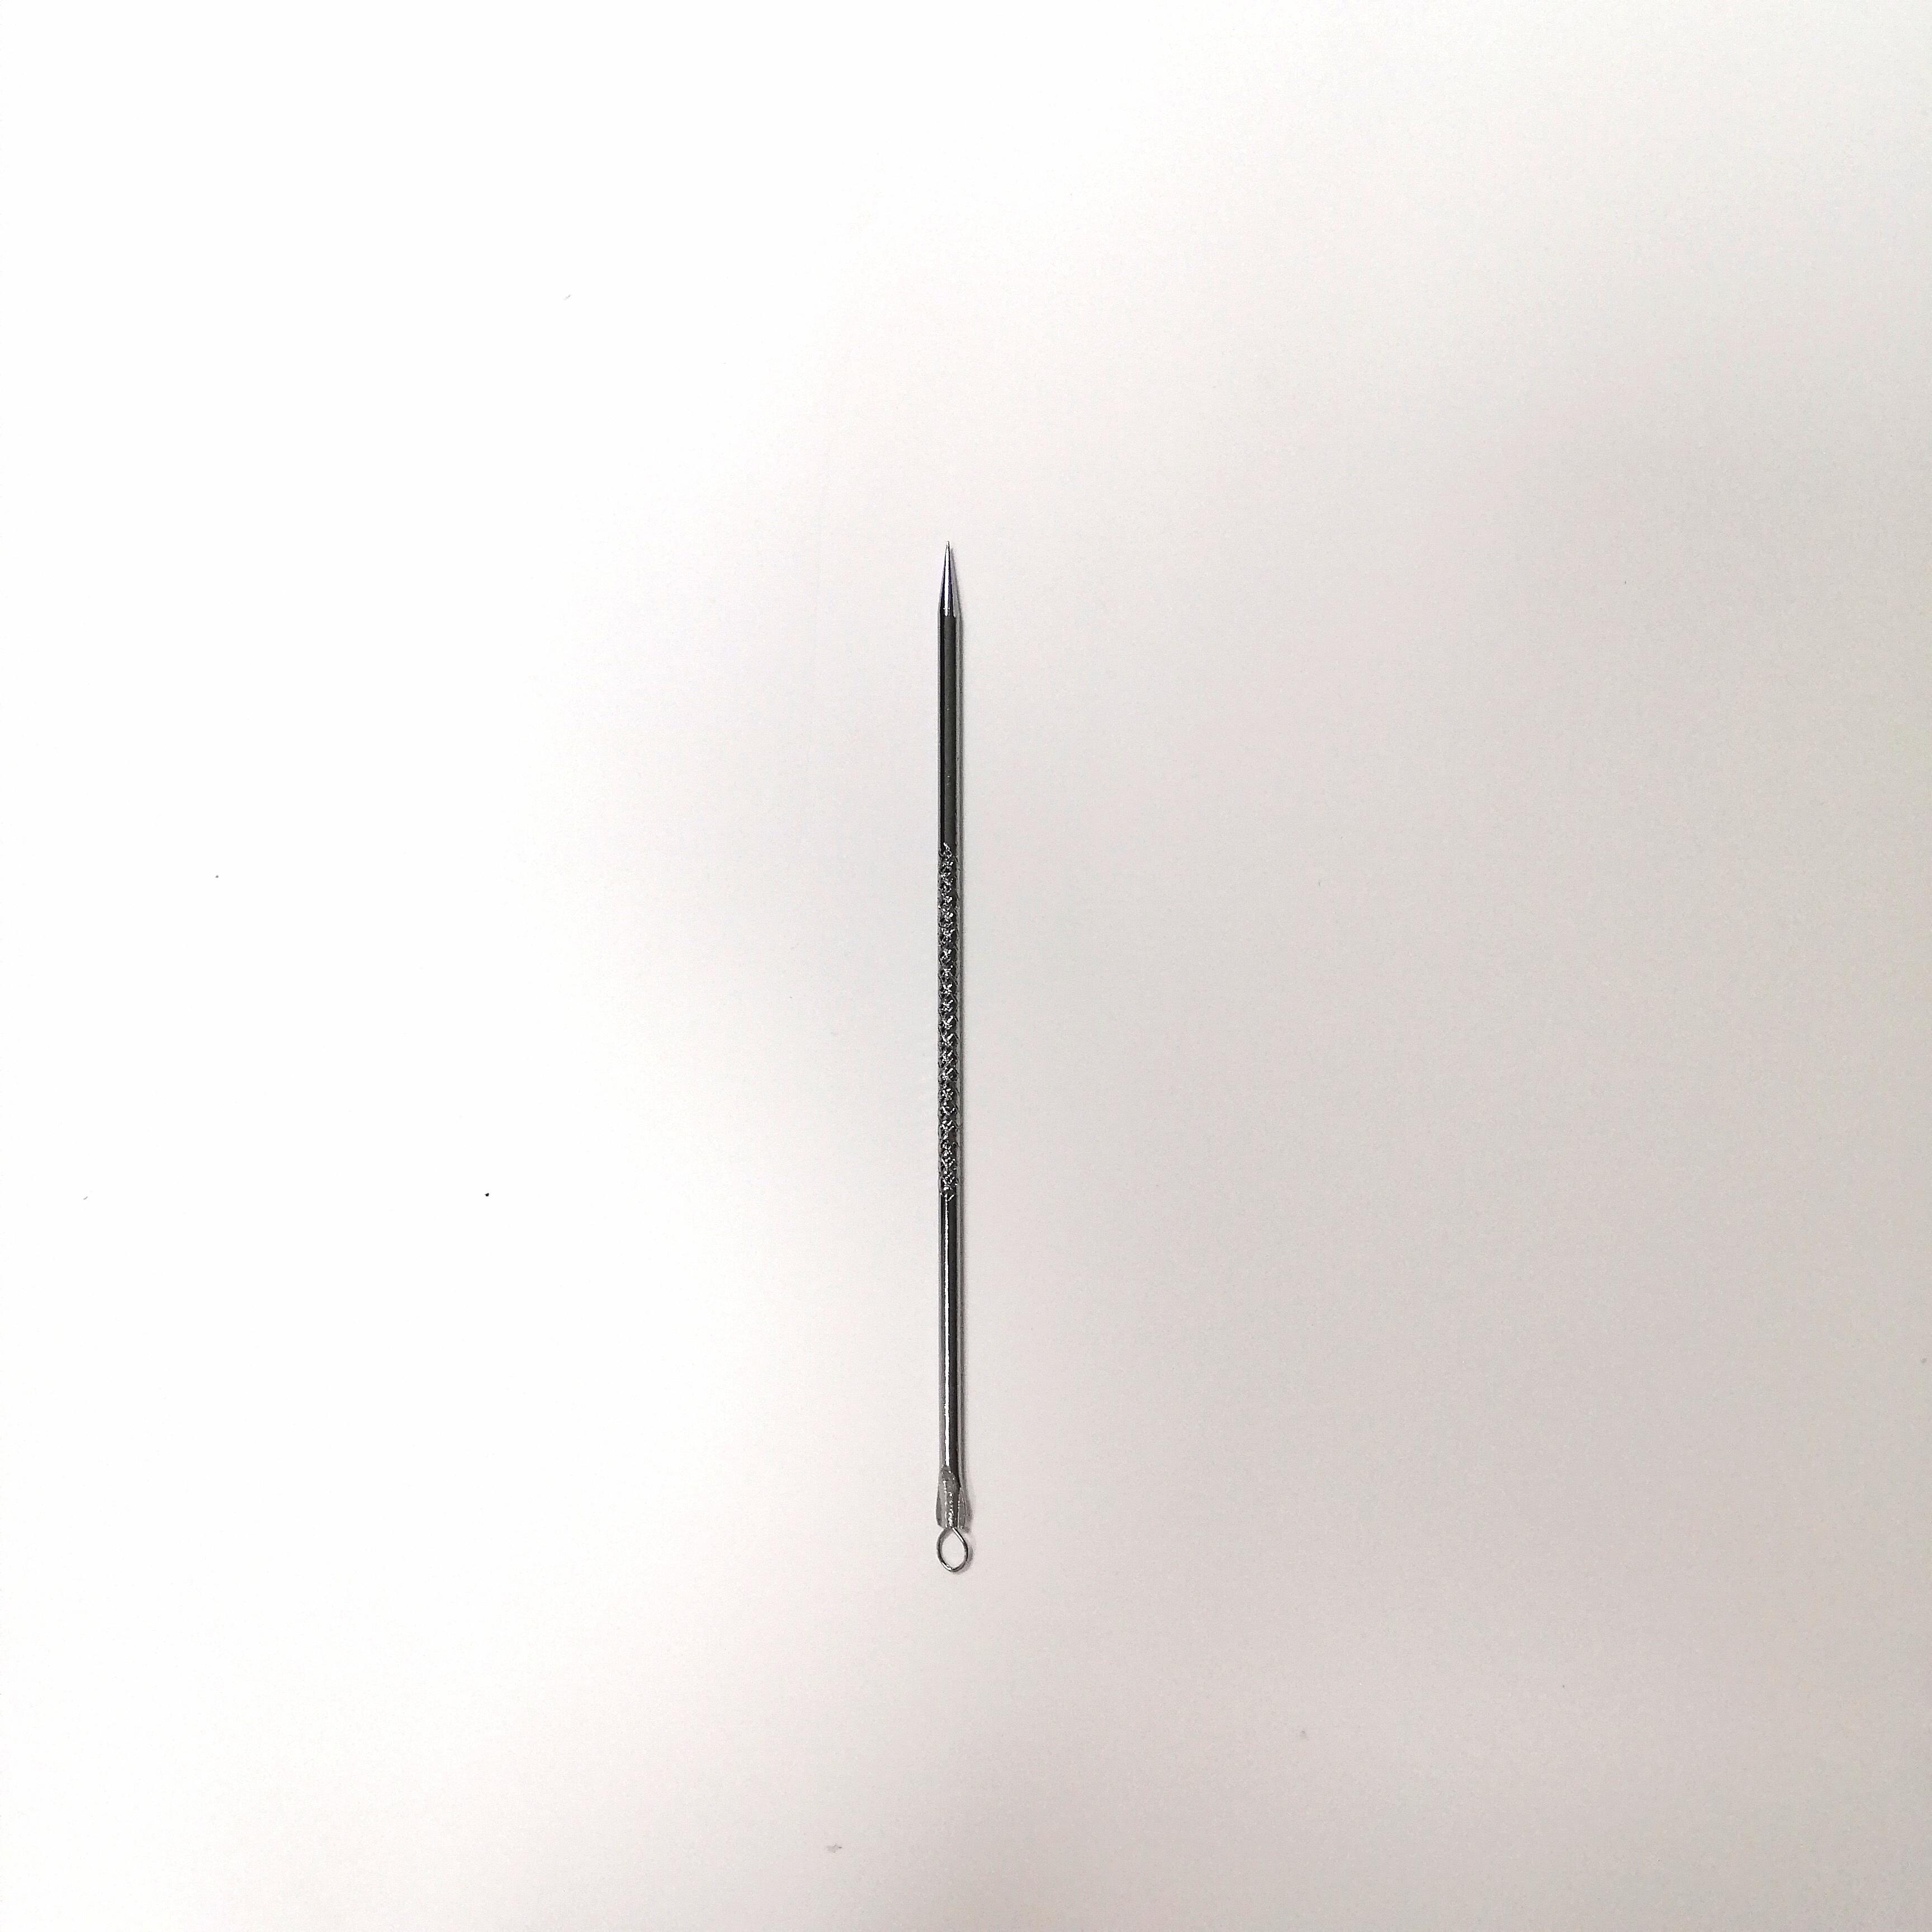 Красота Личная забота высокое качество удаления черных точек иглы из нержавеющей стали ance иглы